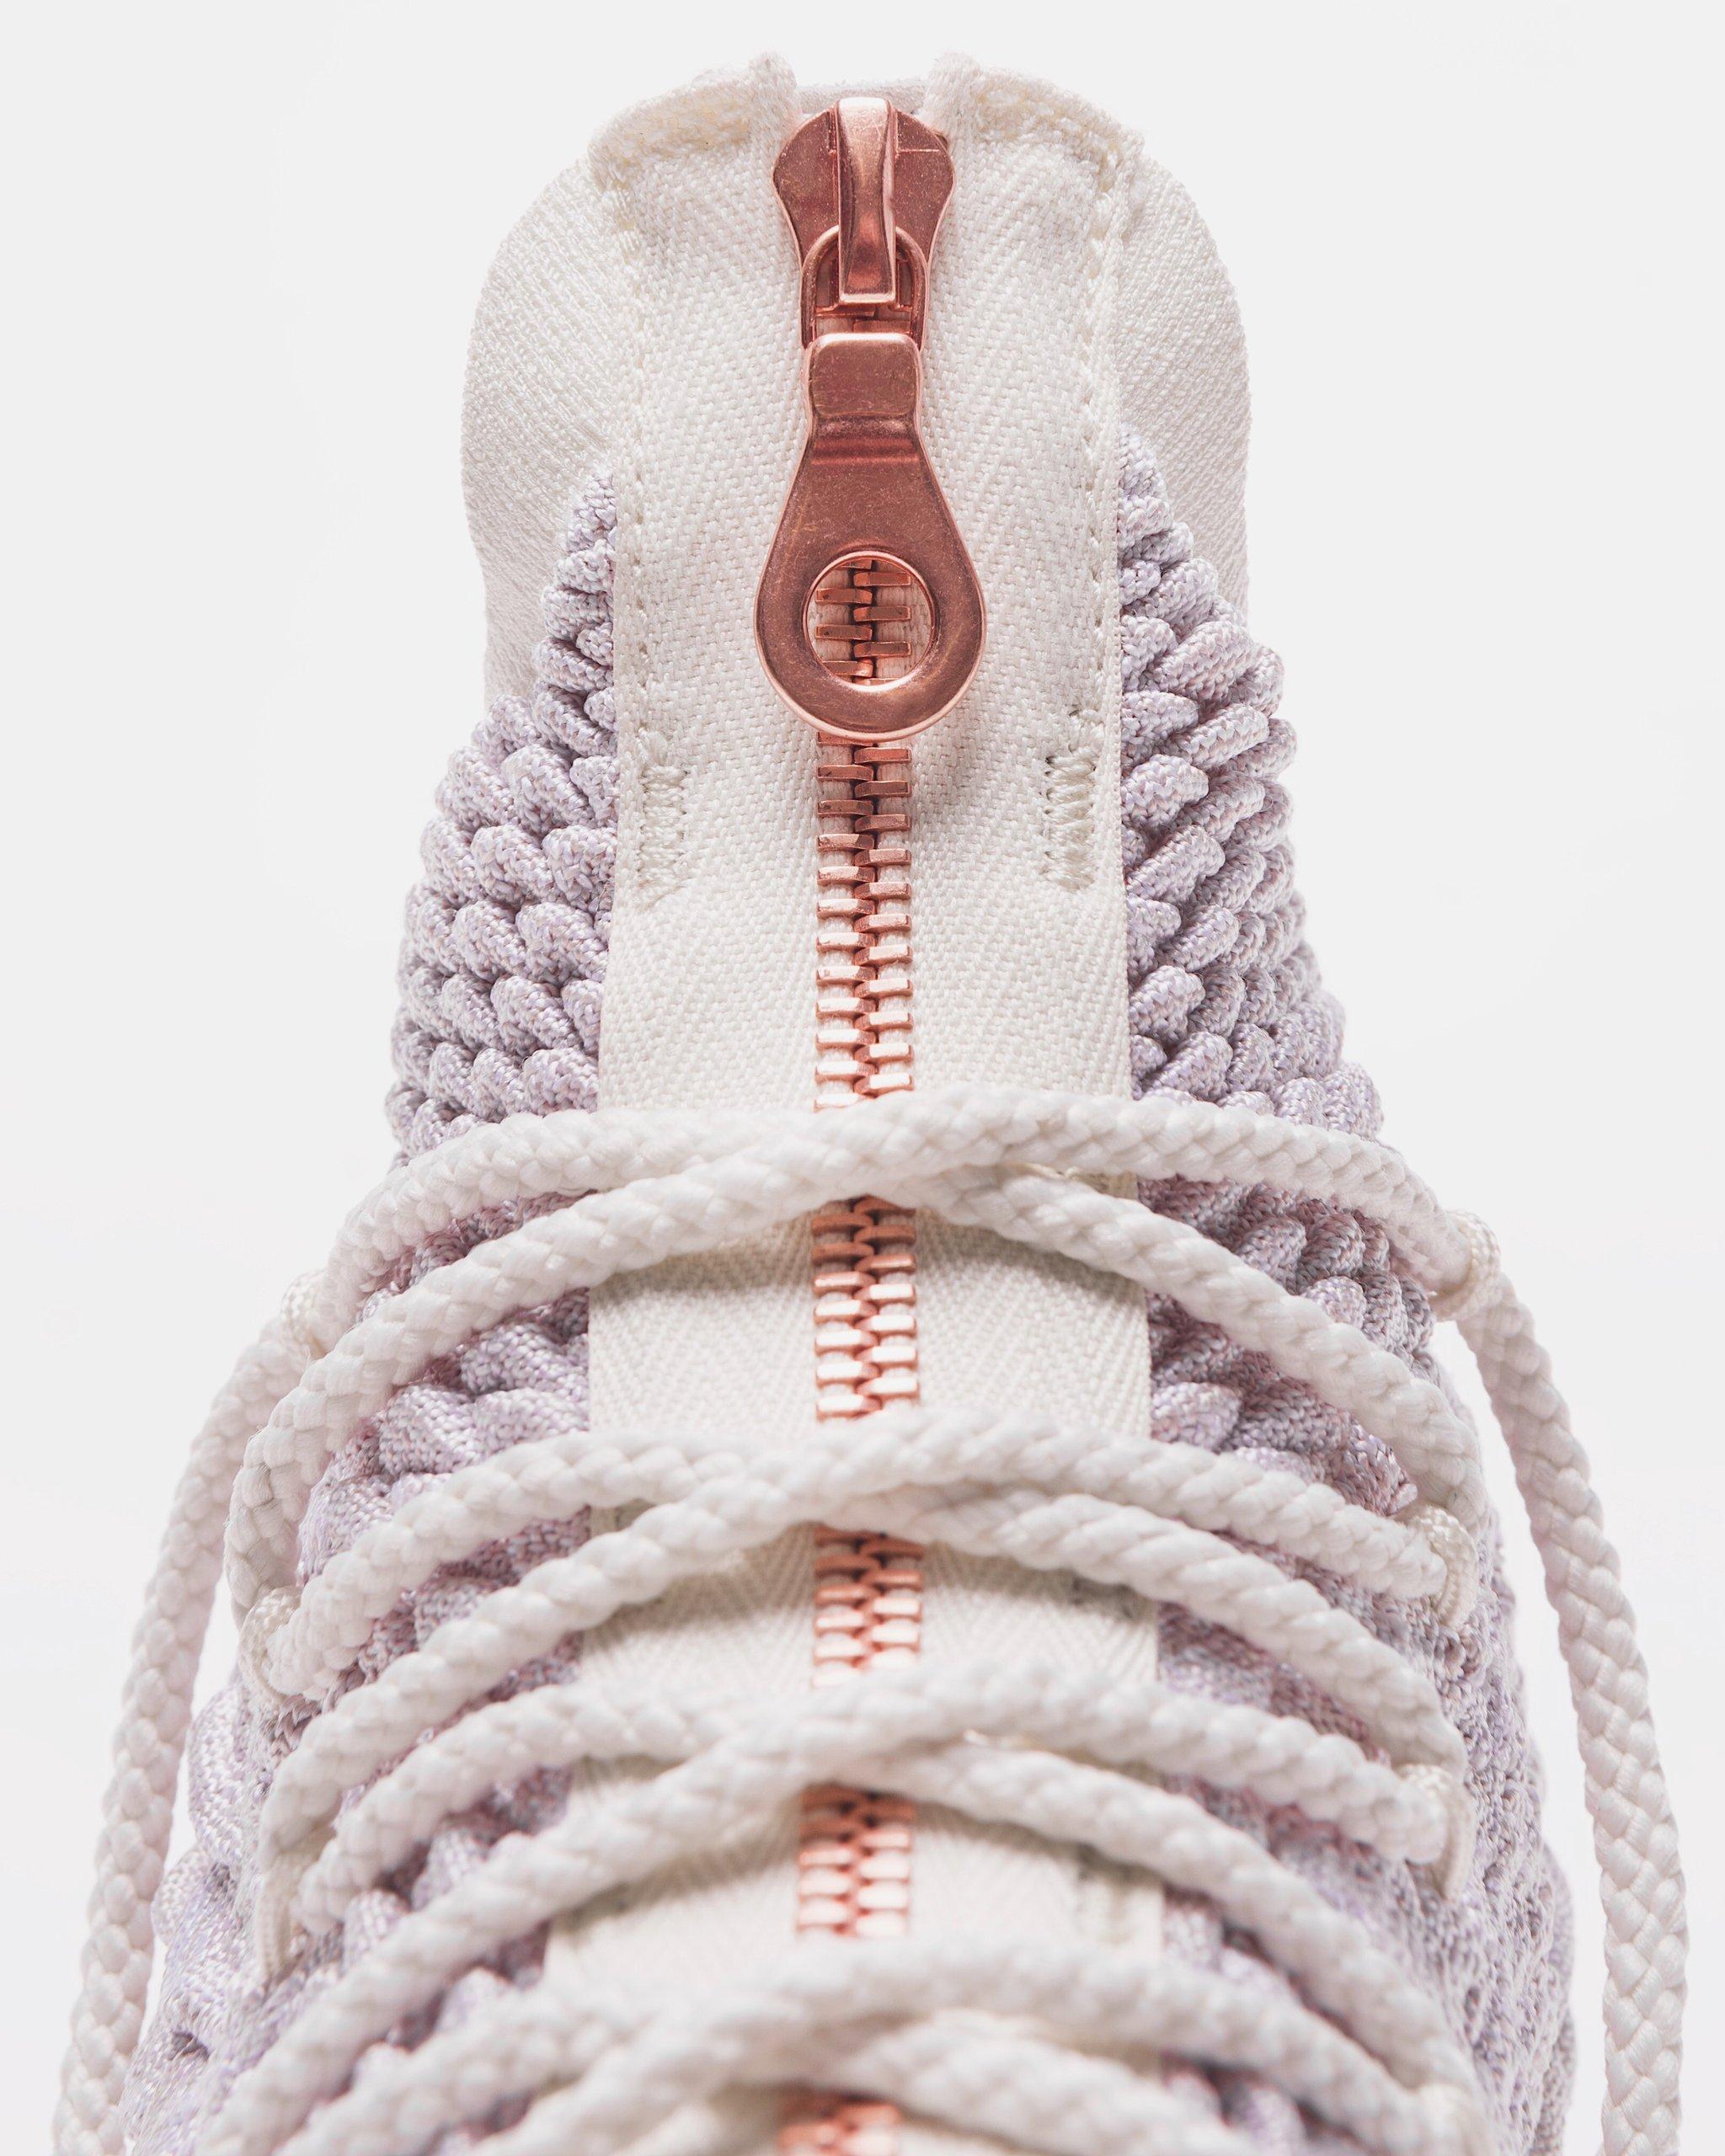 RF x Nike LeBron 15